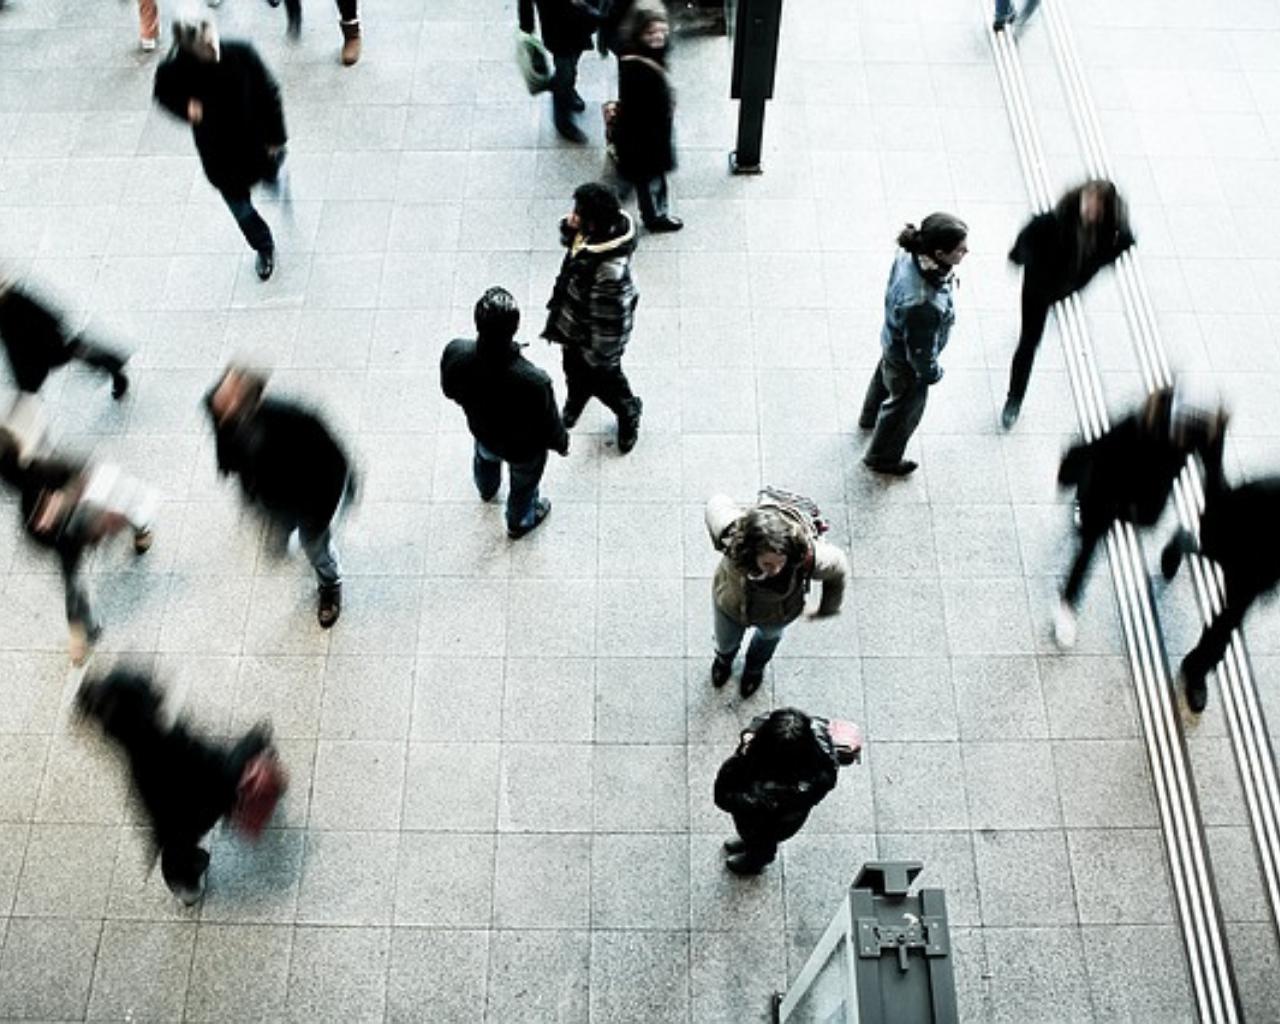 Estudio reveló que 52,7% de encuestados cree que crisis migratoria afecta la seguridad ciudadana y sanitaria del país